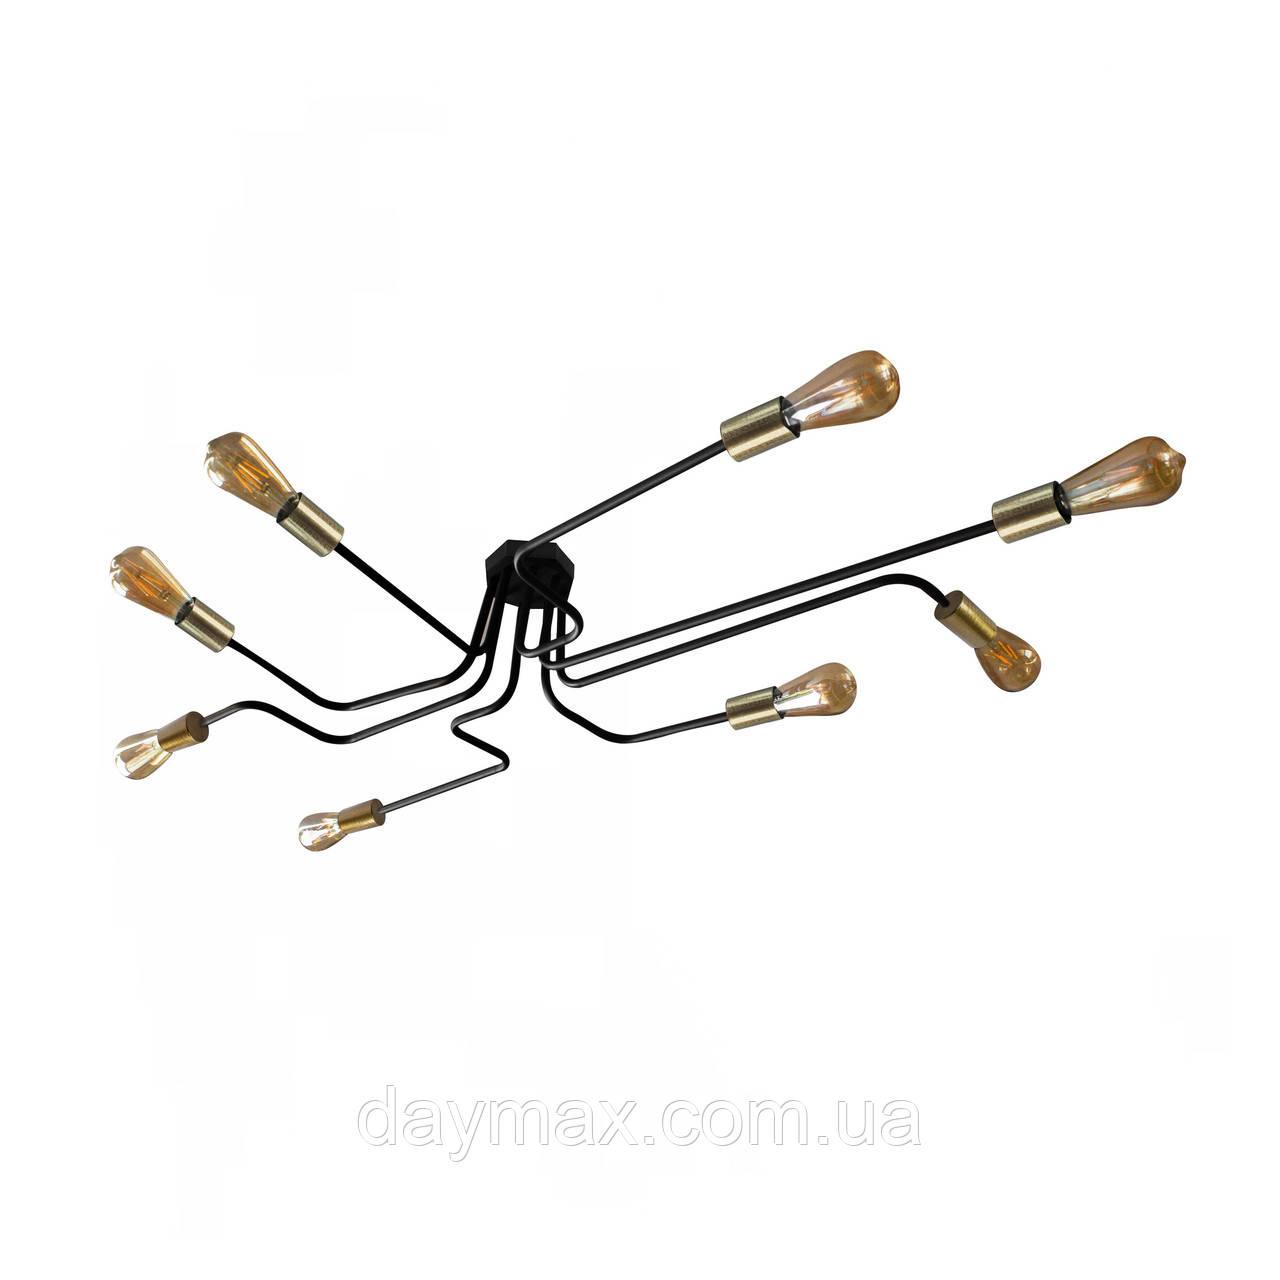 Люстра паук с бронзовыми патронами MSK Electric NL 13060/8 BK+BN  Микросхема